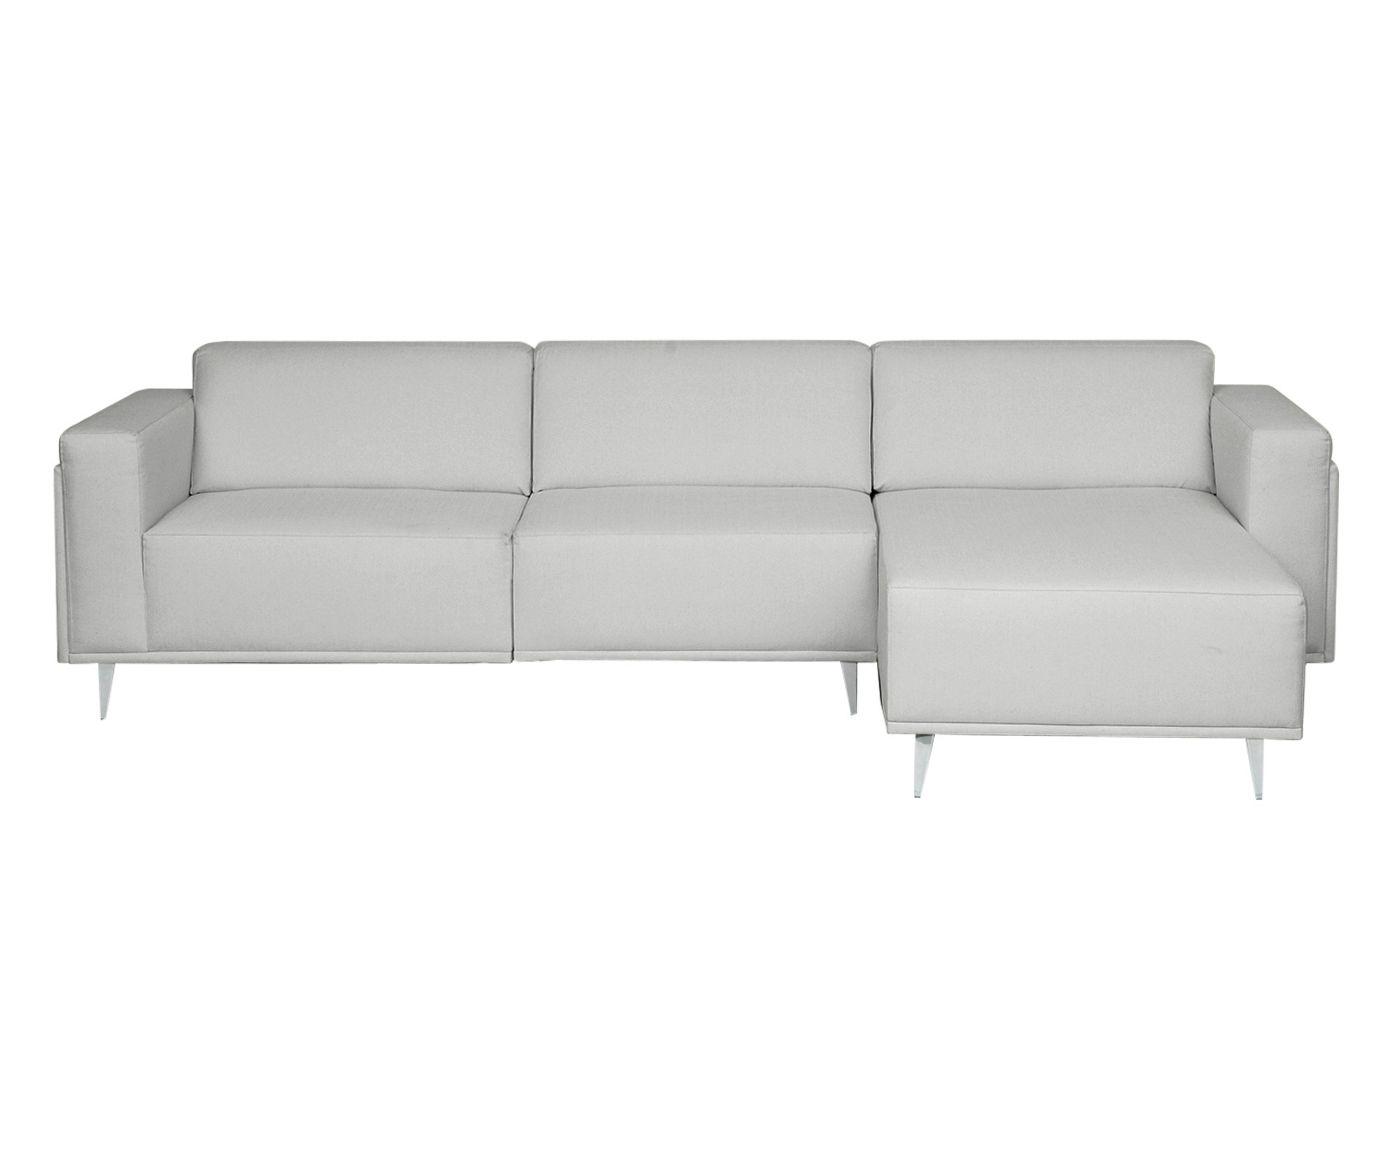 Sofá Modular com Chaise Esquerda Antonio Cinza Garoa - 280cm | Westwing.com.br